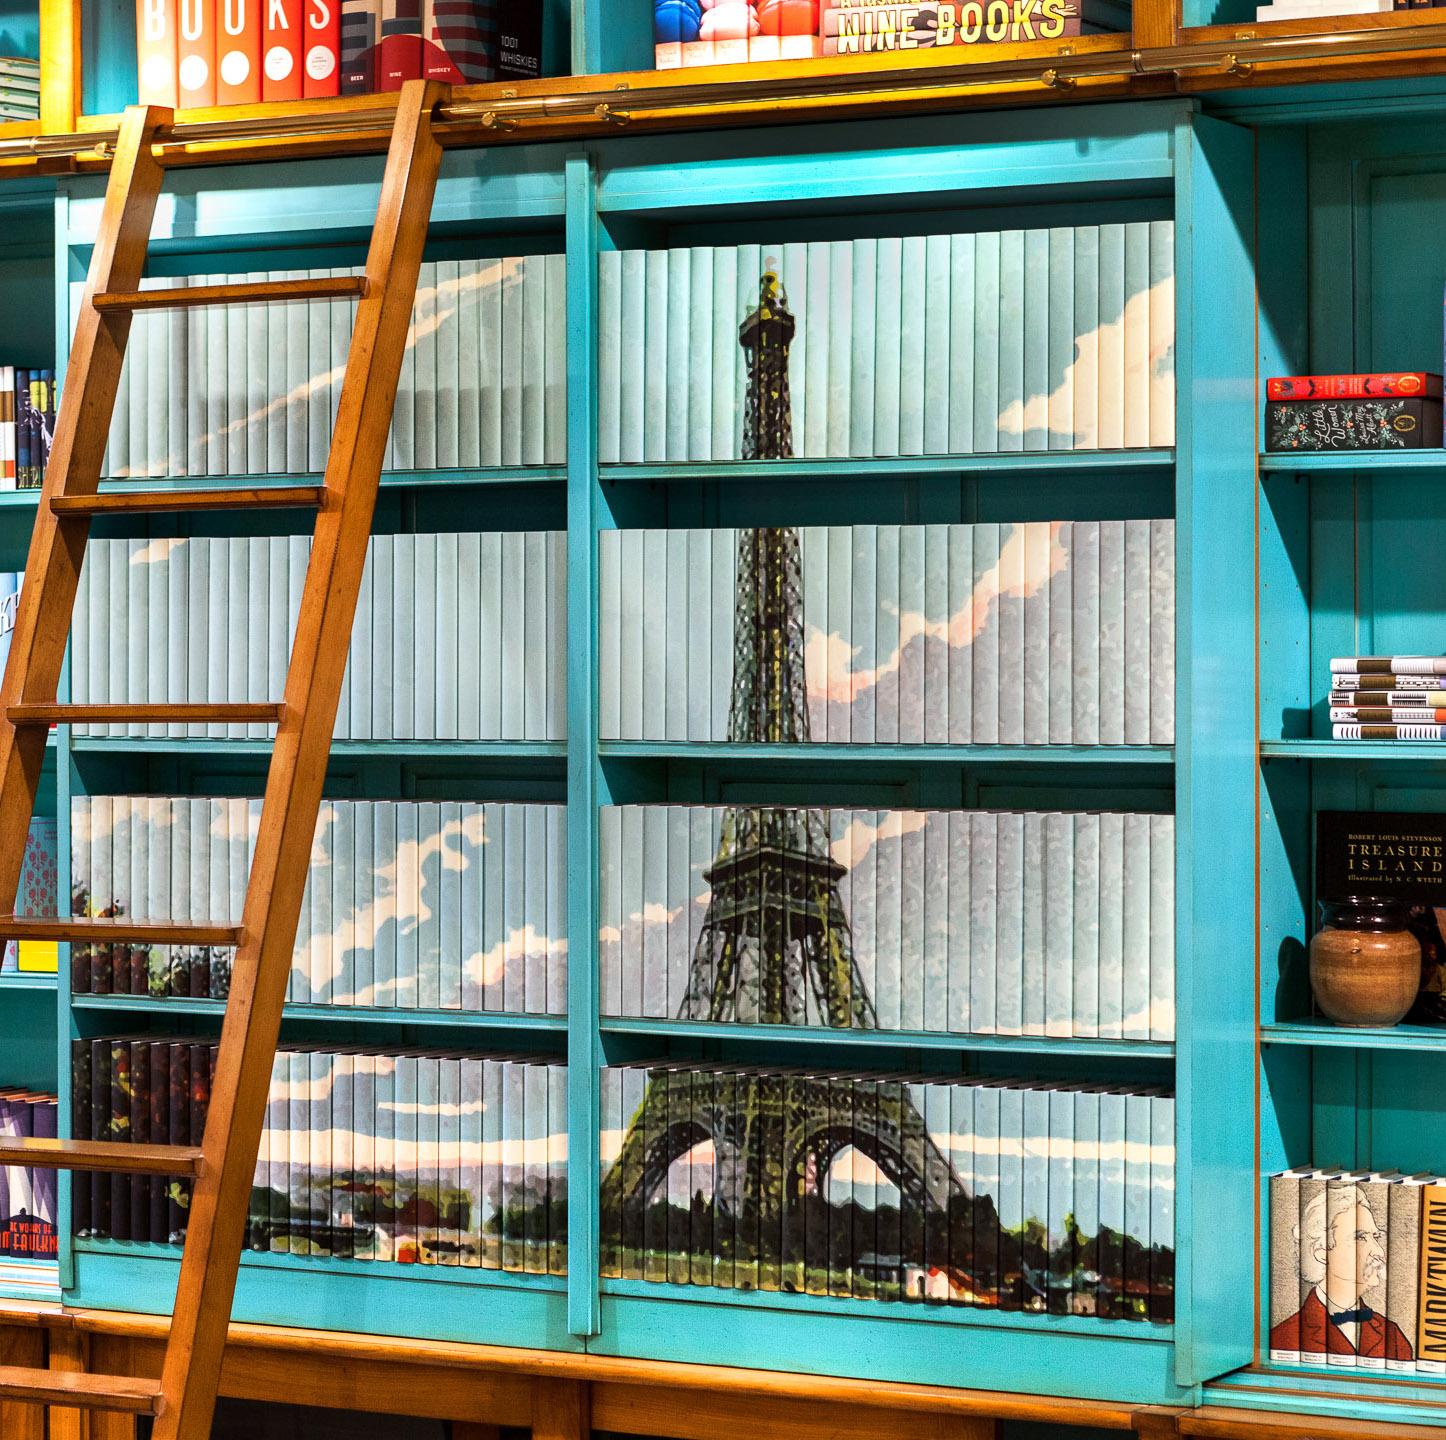 juniper books grange denver